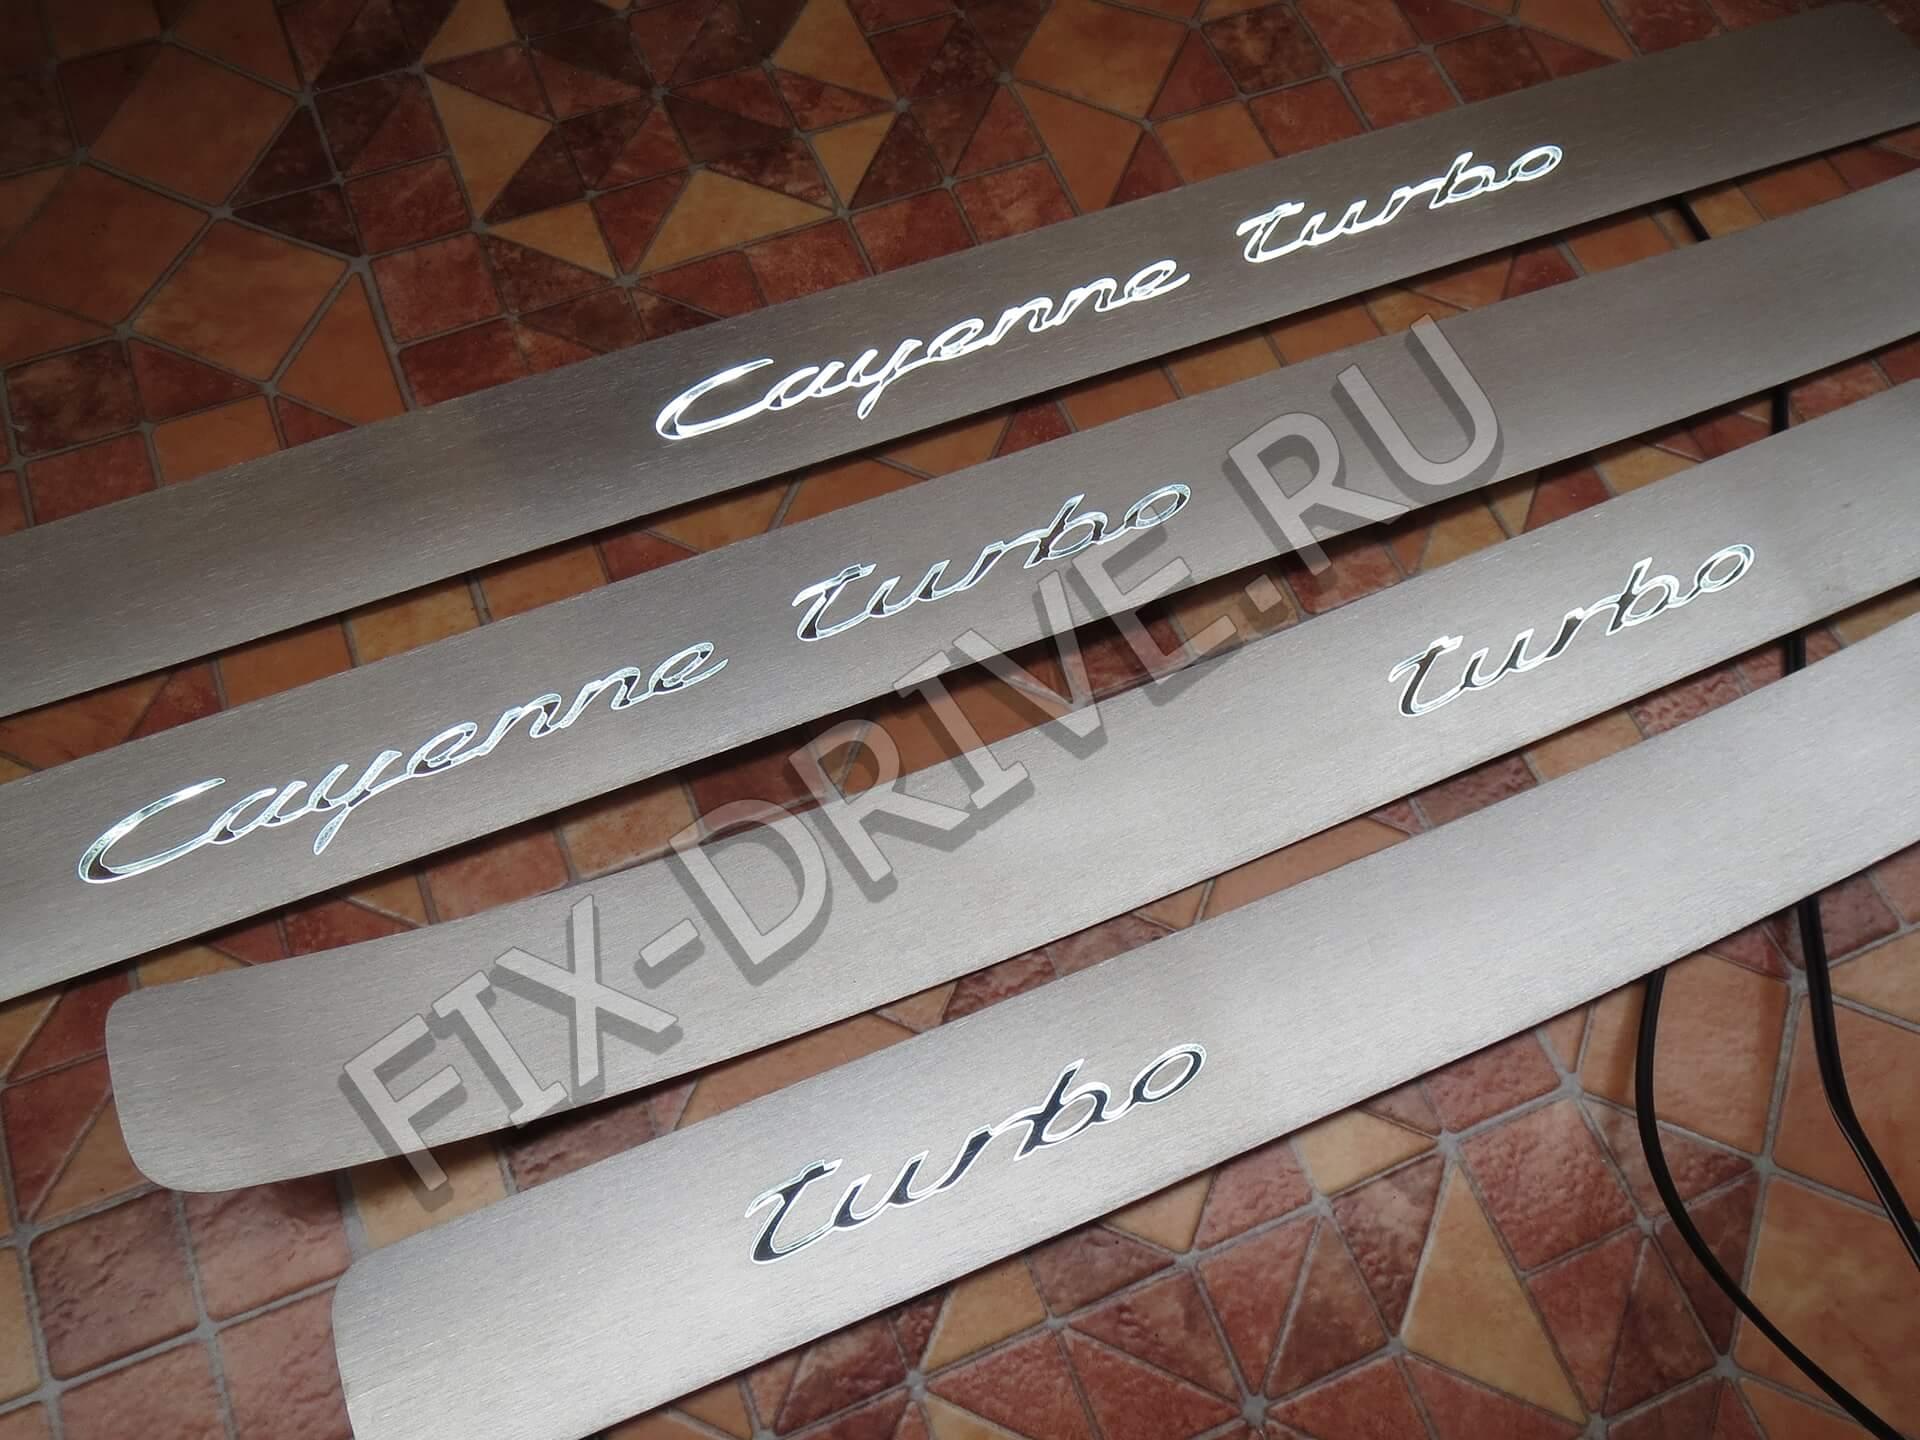 Пороги накладки Cayenne 955 Turbo с подсветкой